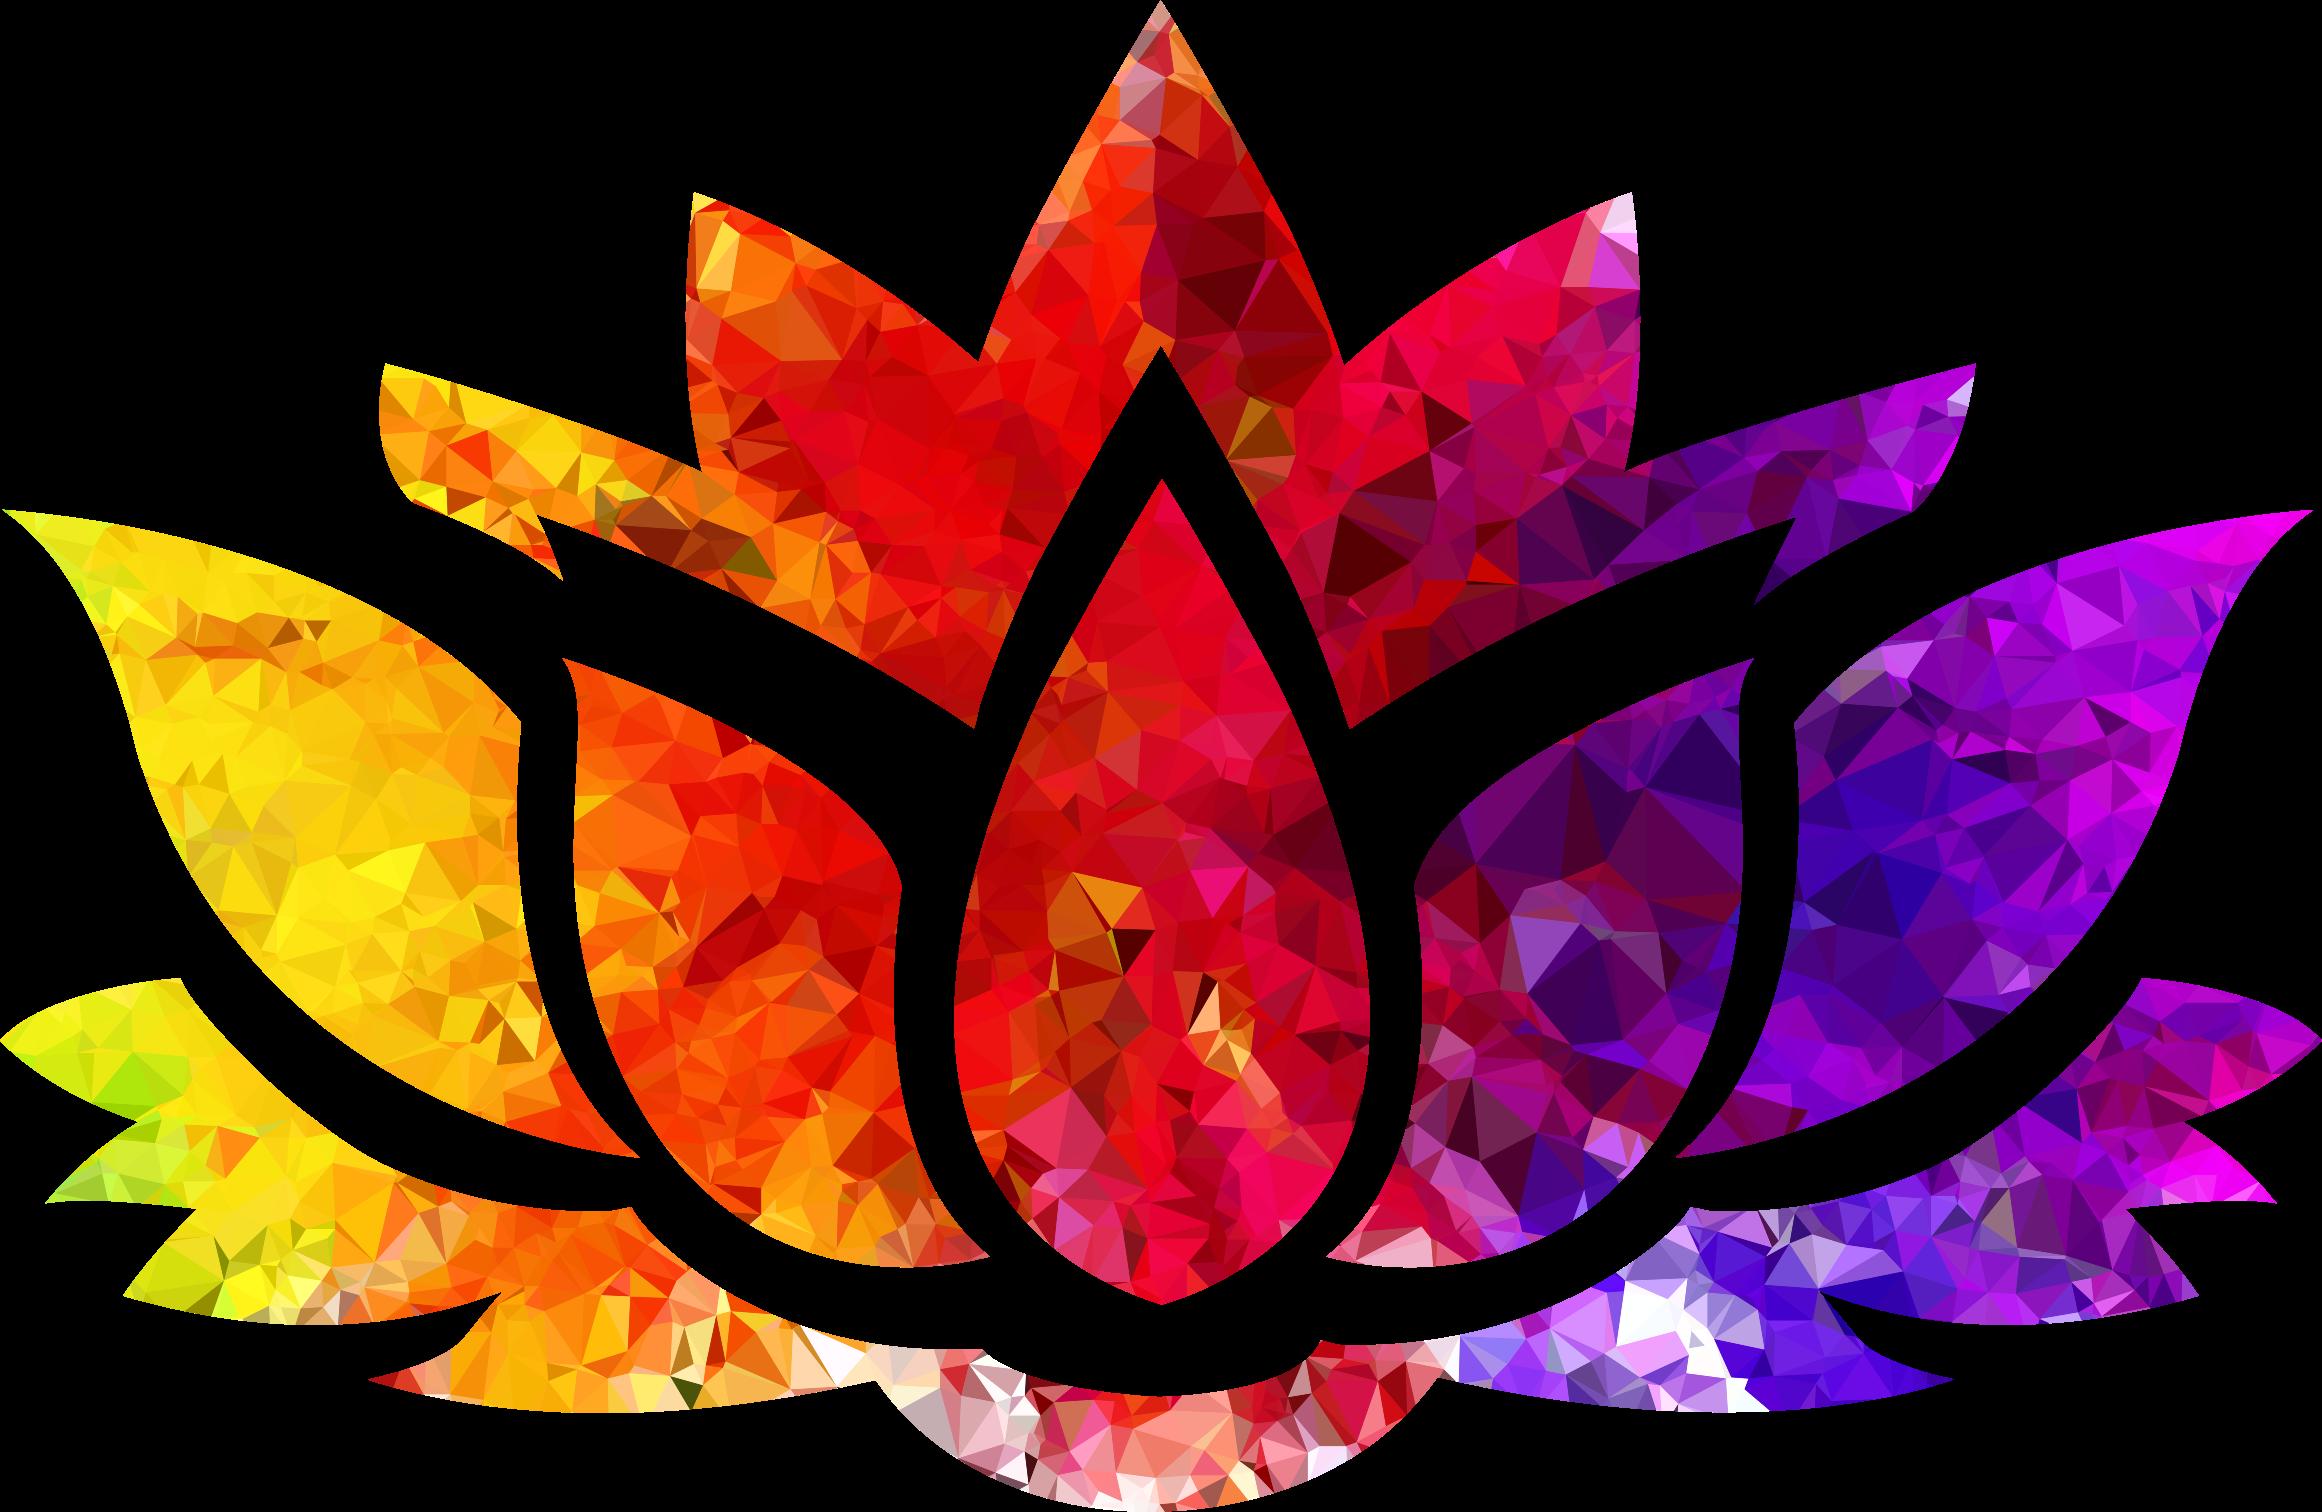 BIG IMAGE (PNG) - PNG Lotus Flower - Lotus Flower PNG HD